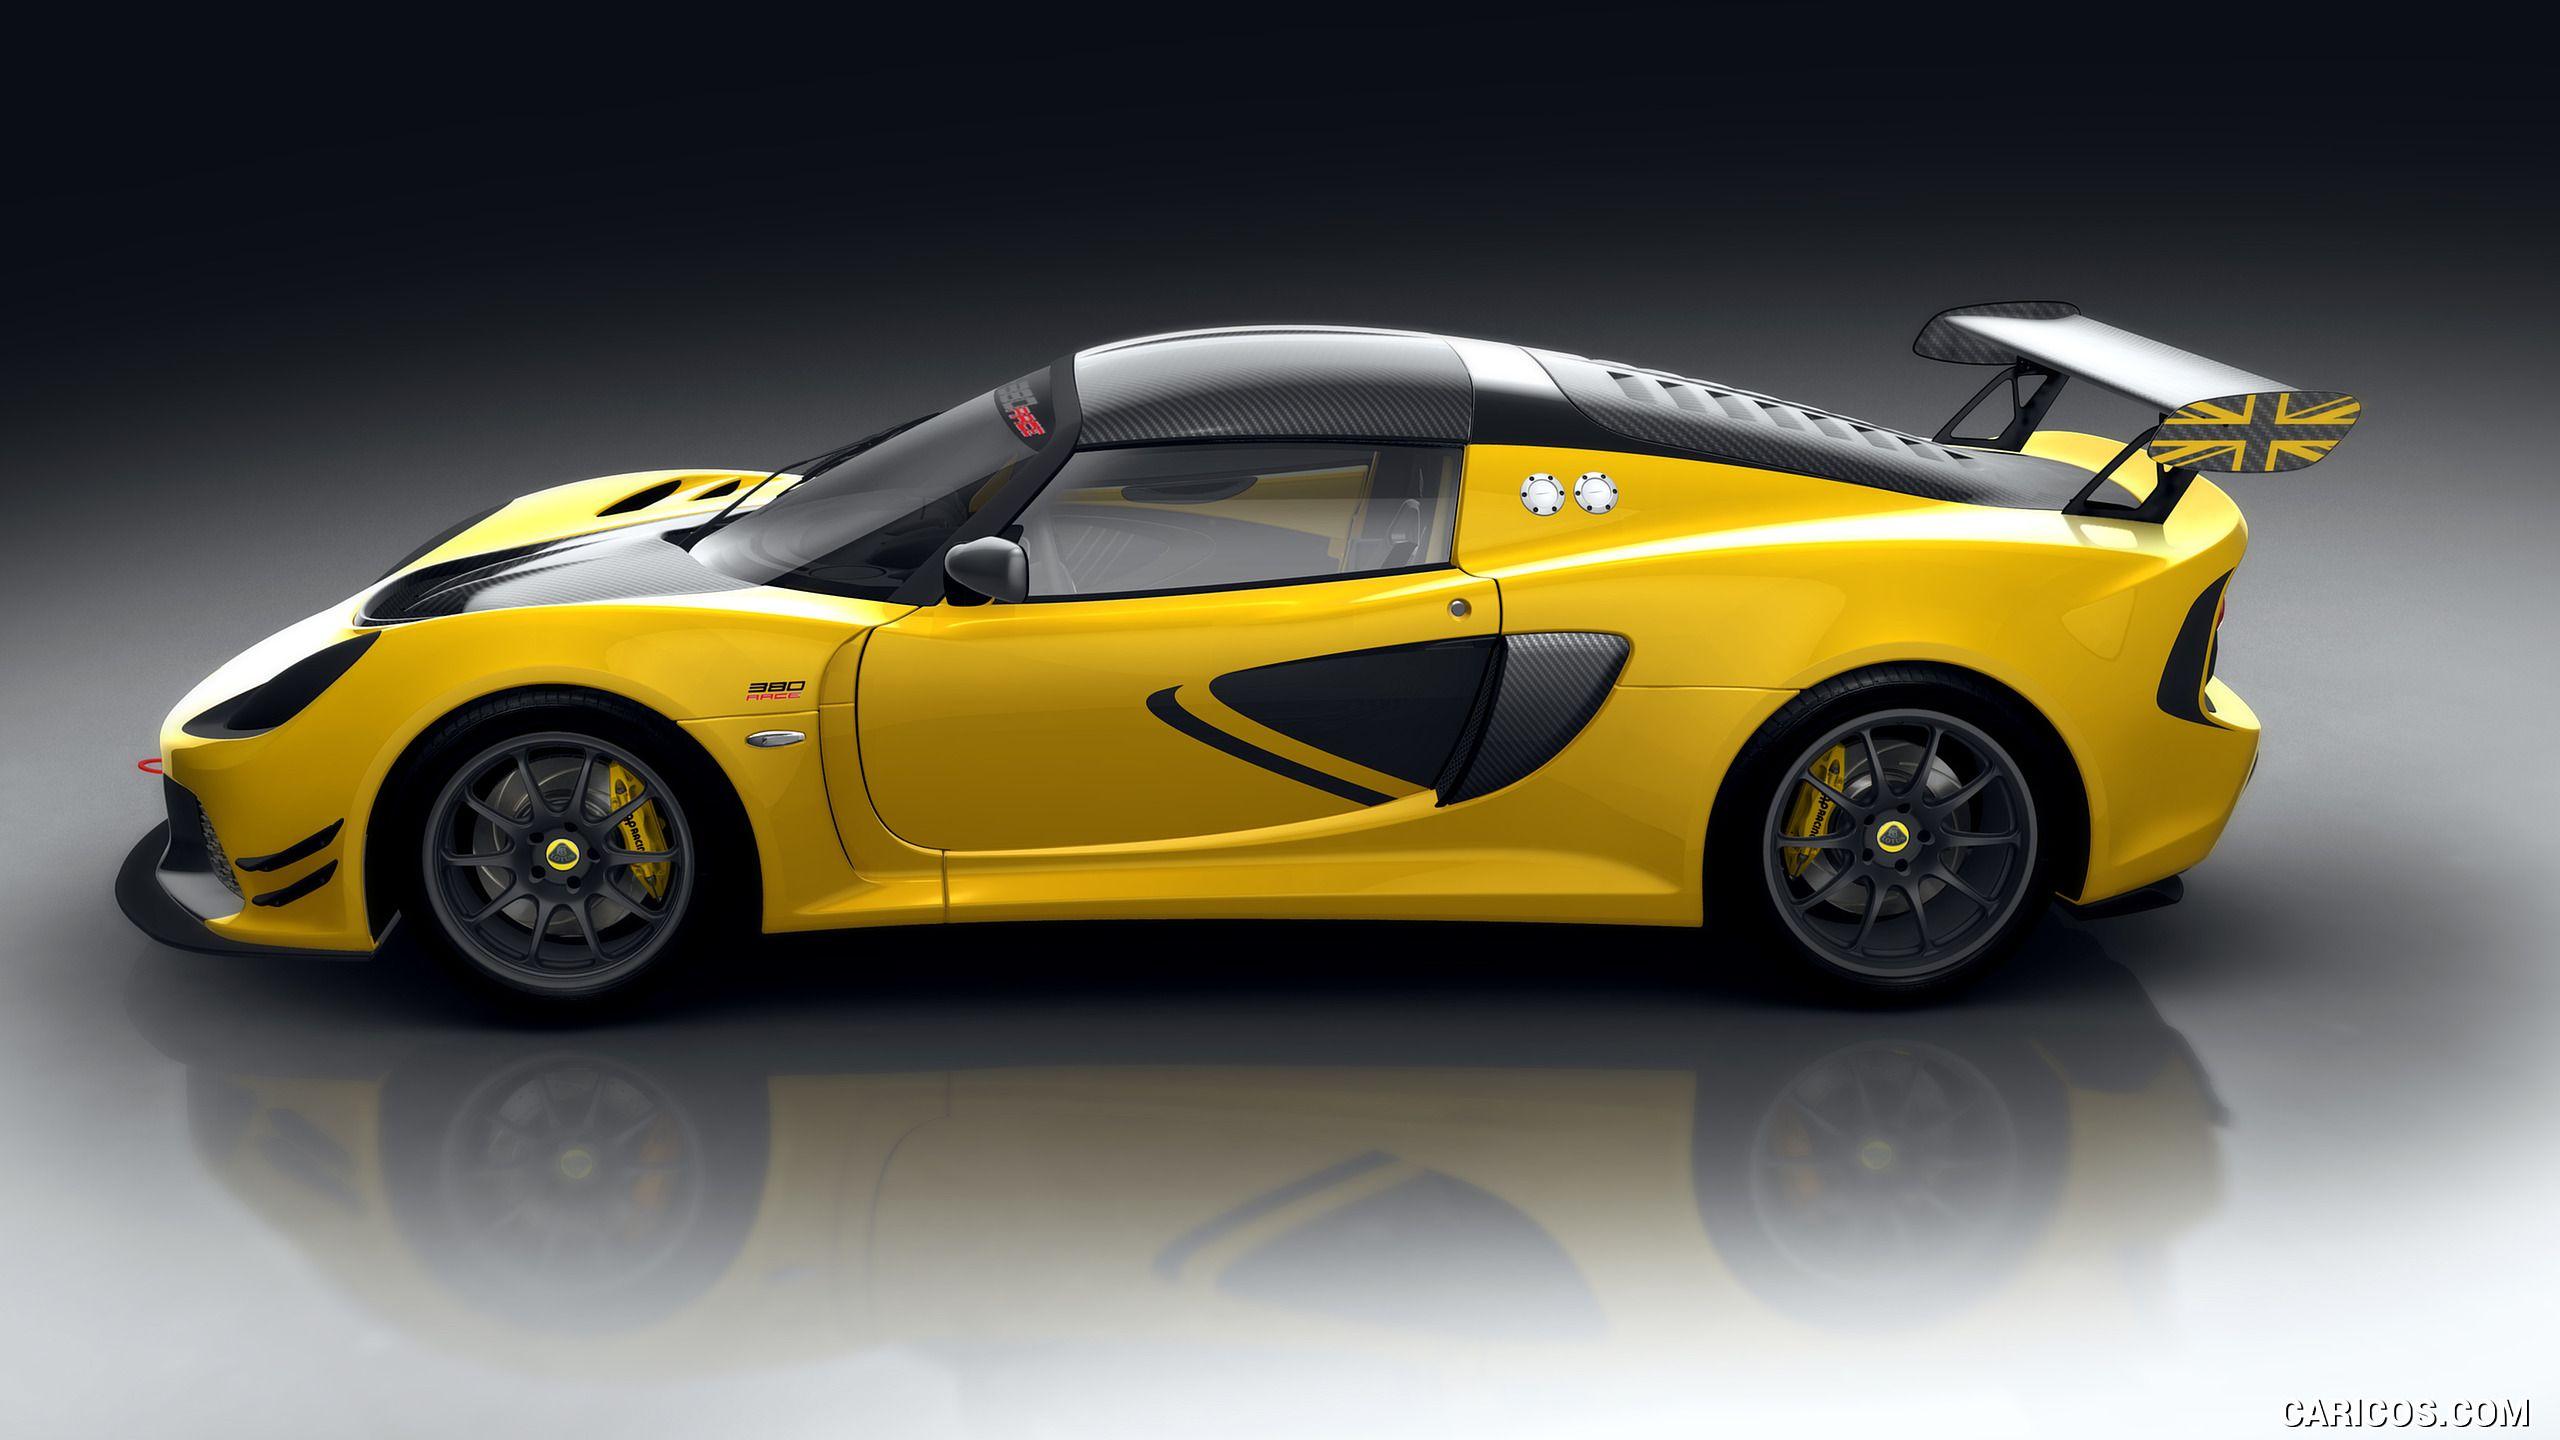 a818b63a642e372de1a9001f56003935 Stunning Ficha Tecnica Porsche 918 Spyder Concept Cars Trend